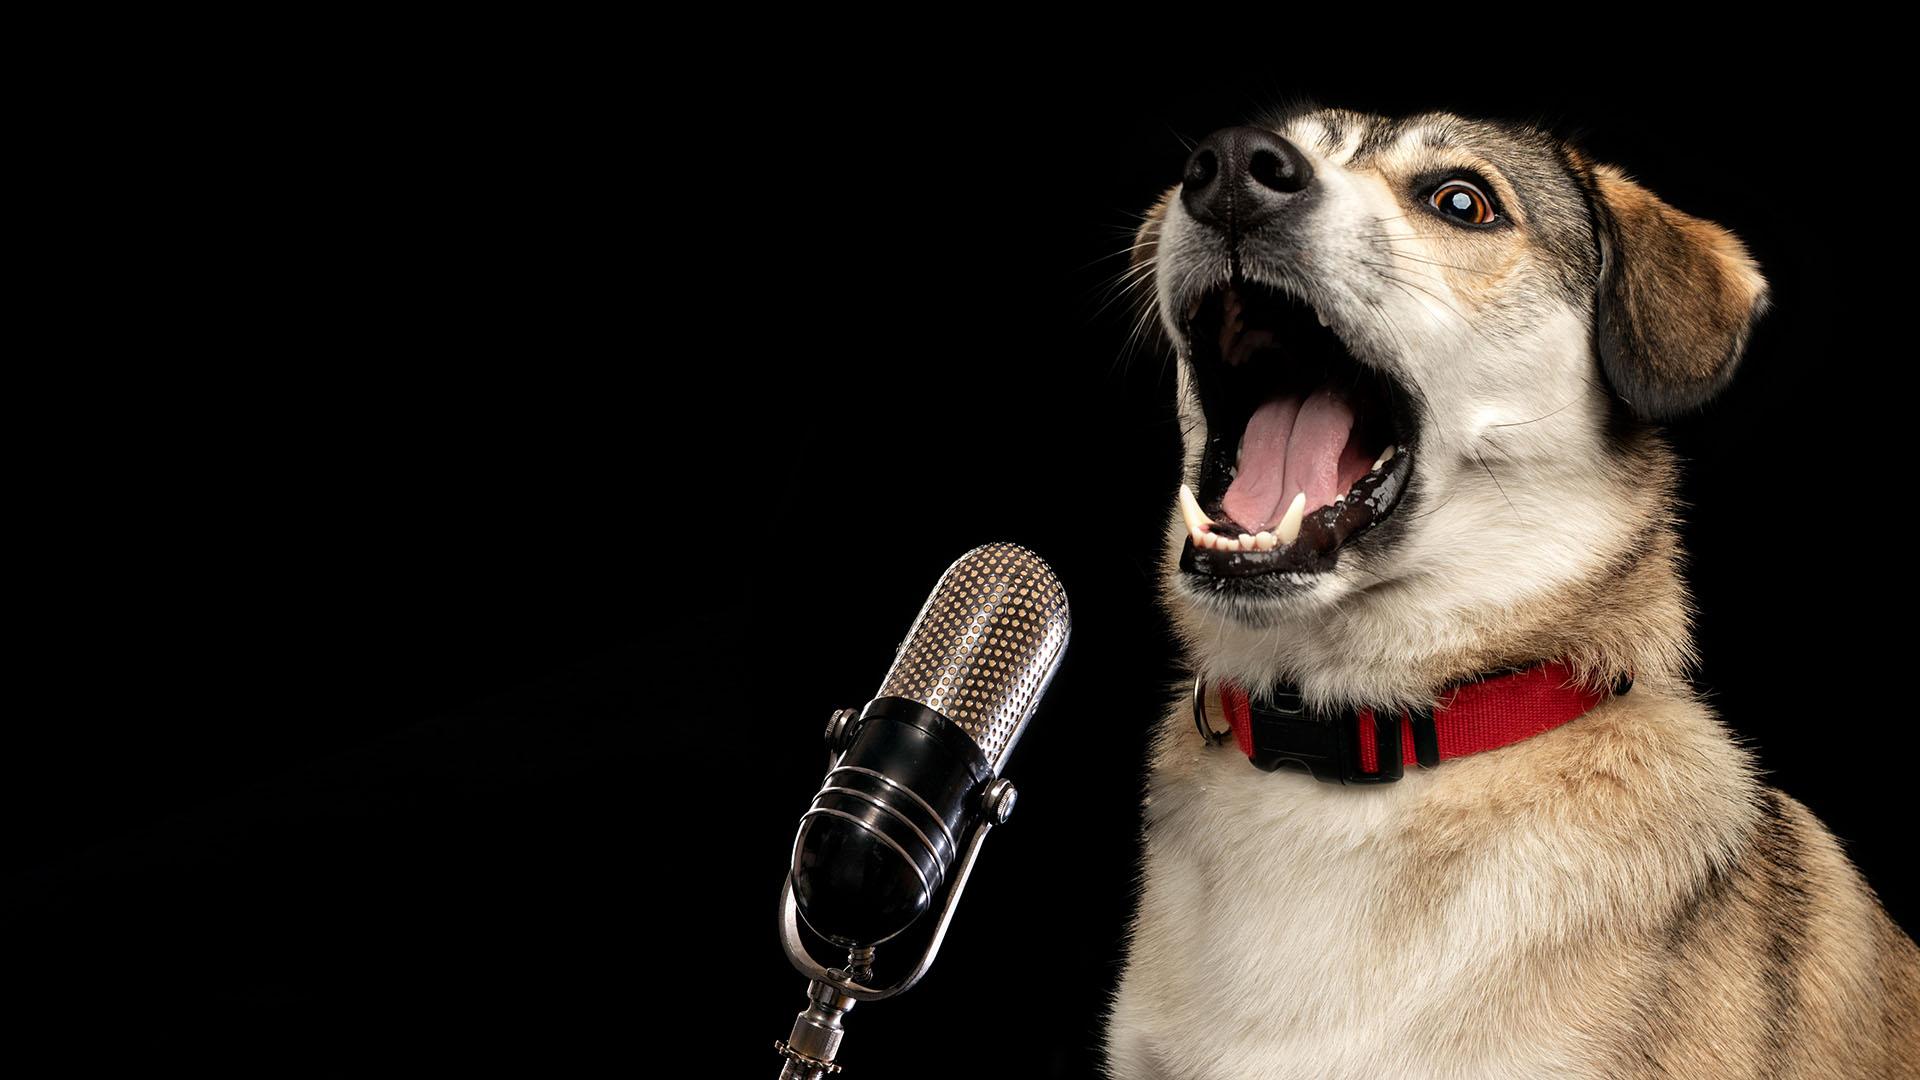 A Csillagok háborúja zenéjét énekli a cuki kutyus